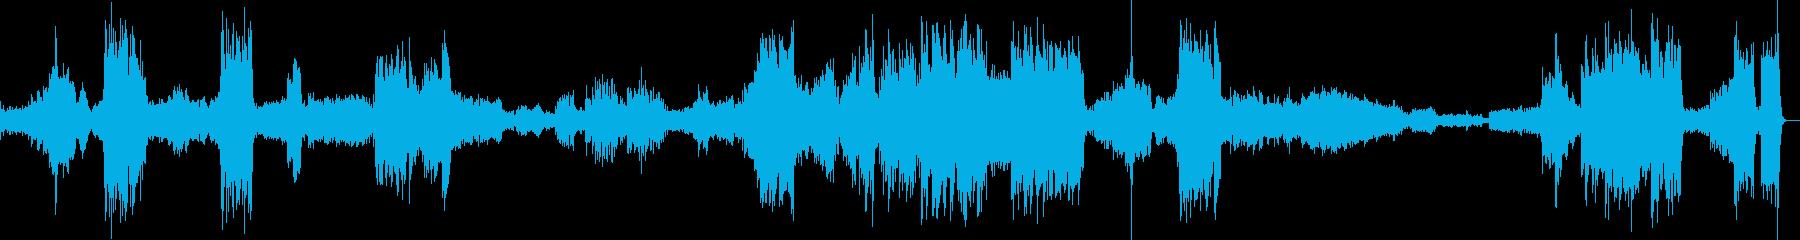 スピード感のあるロシアのクラシック音楽の再生済みの波形